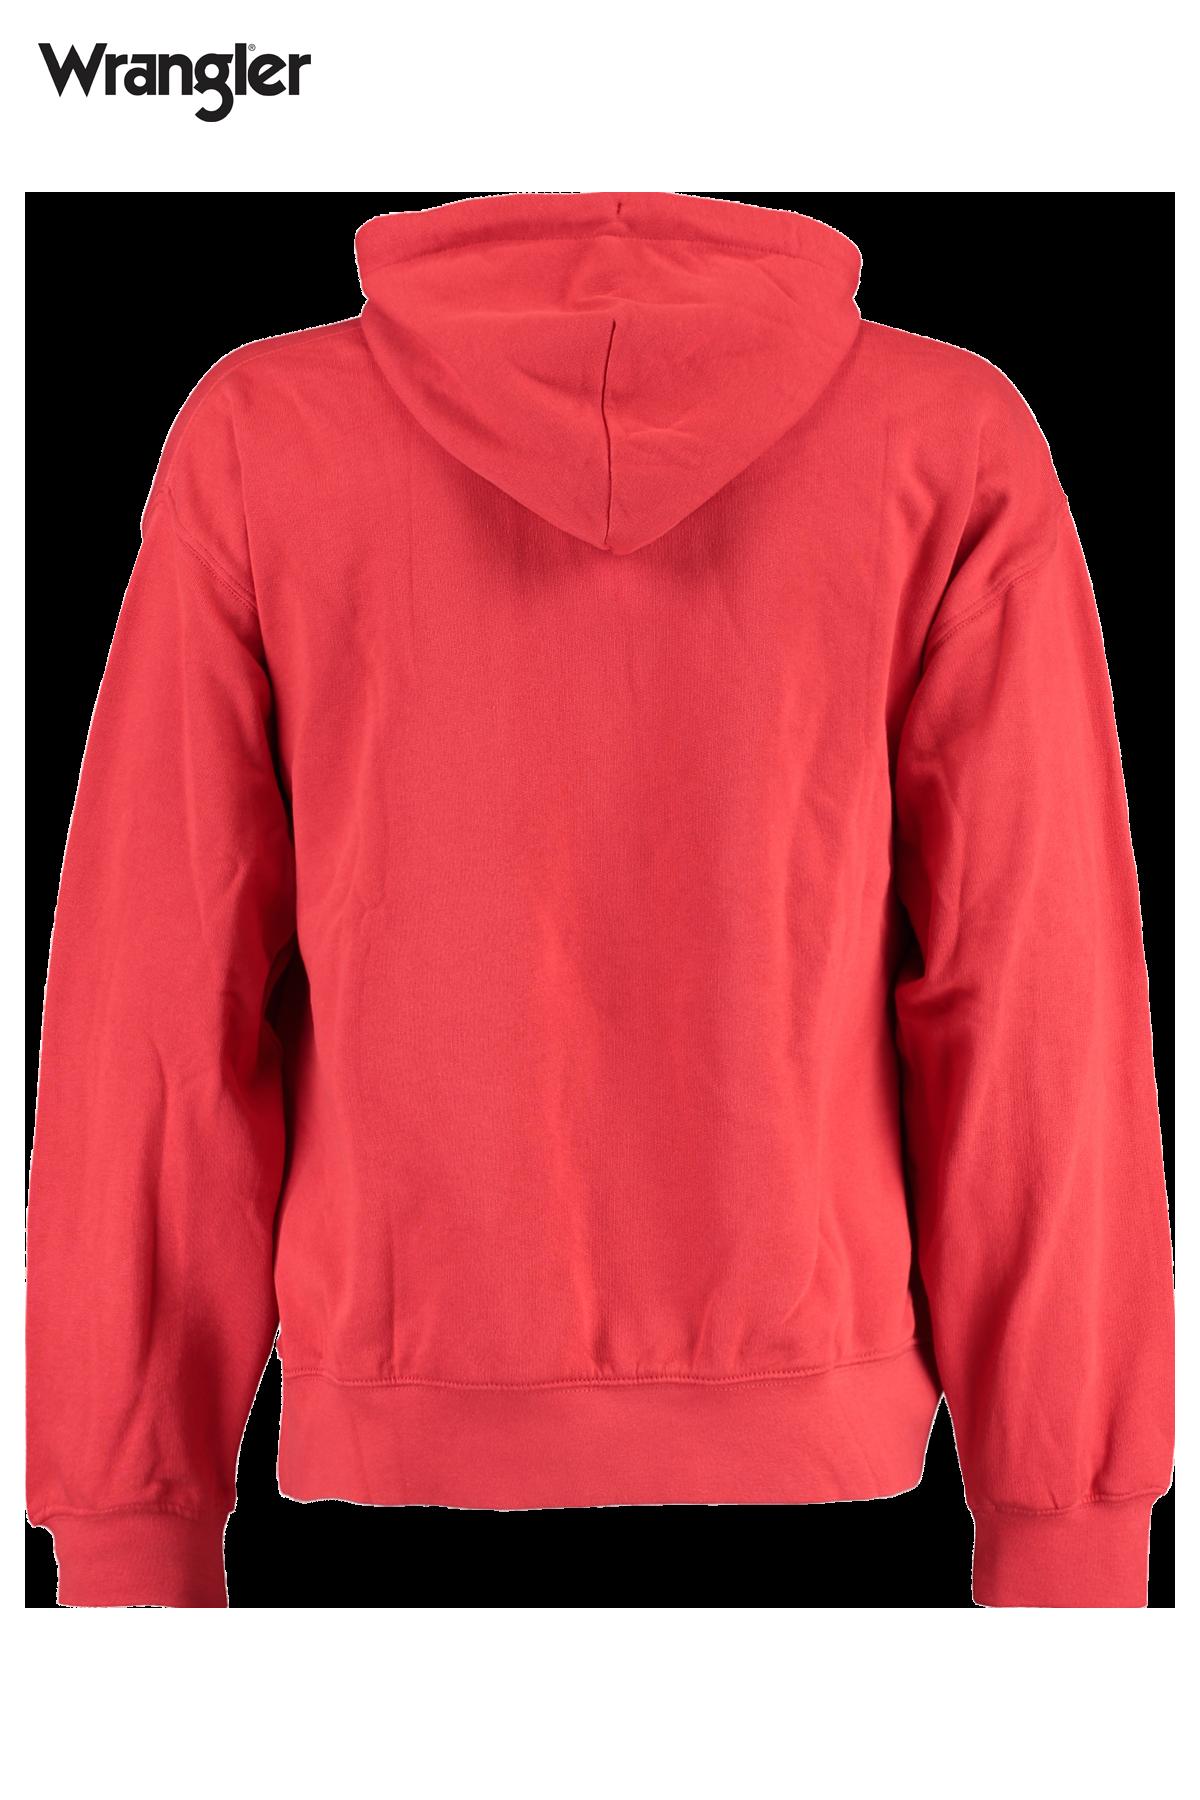 Hoodie Wrangler hoodie